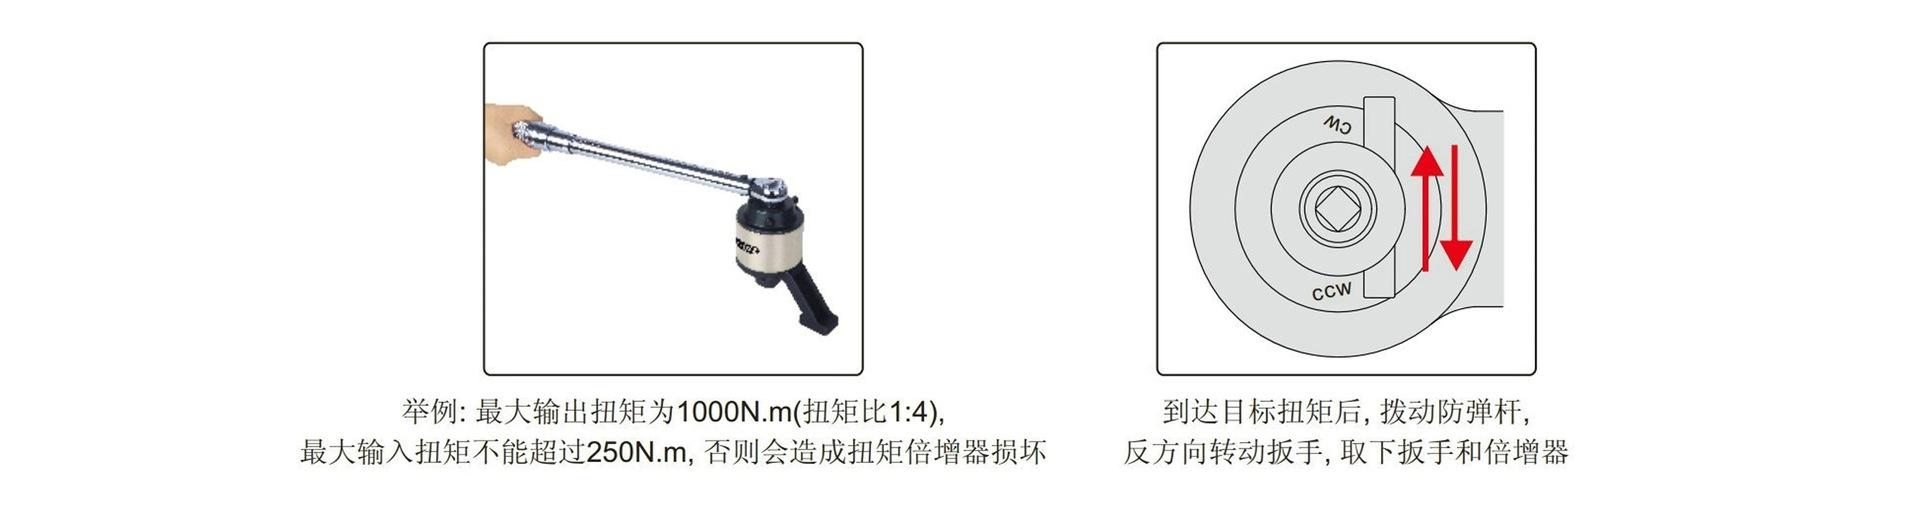 工业级扭矩倍增器 扭力倍增器 MDNF-20 2000N.m 扭矩比13倍示例图8